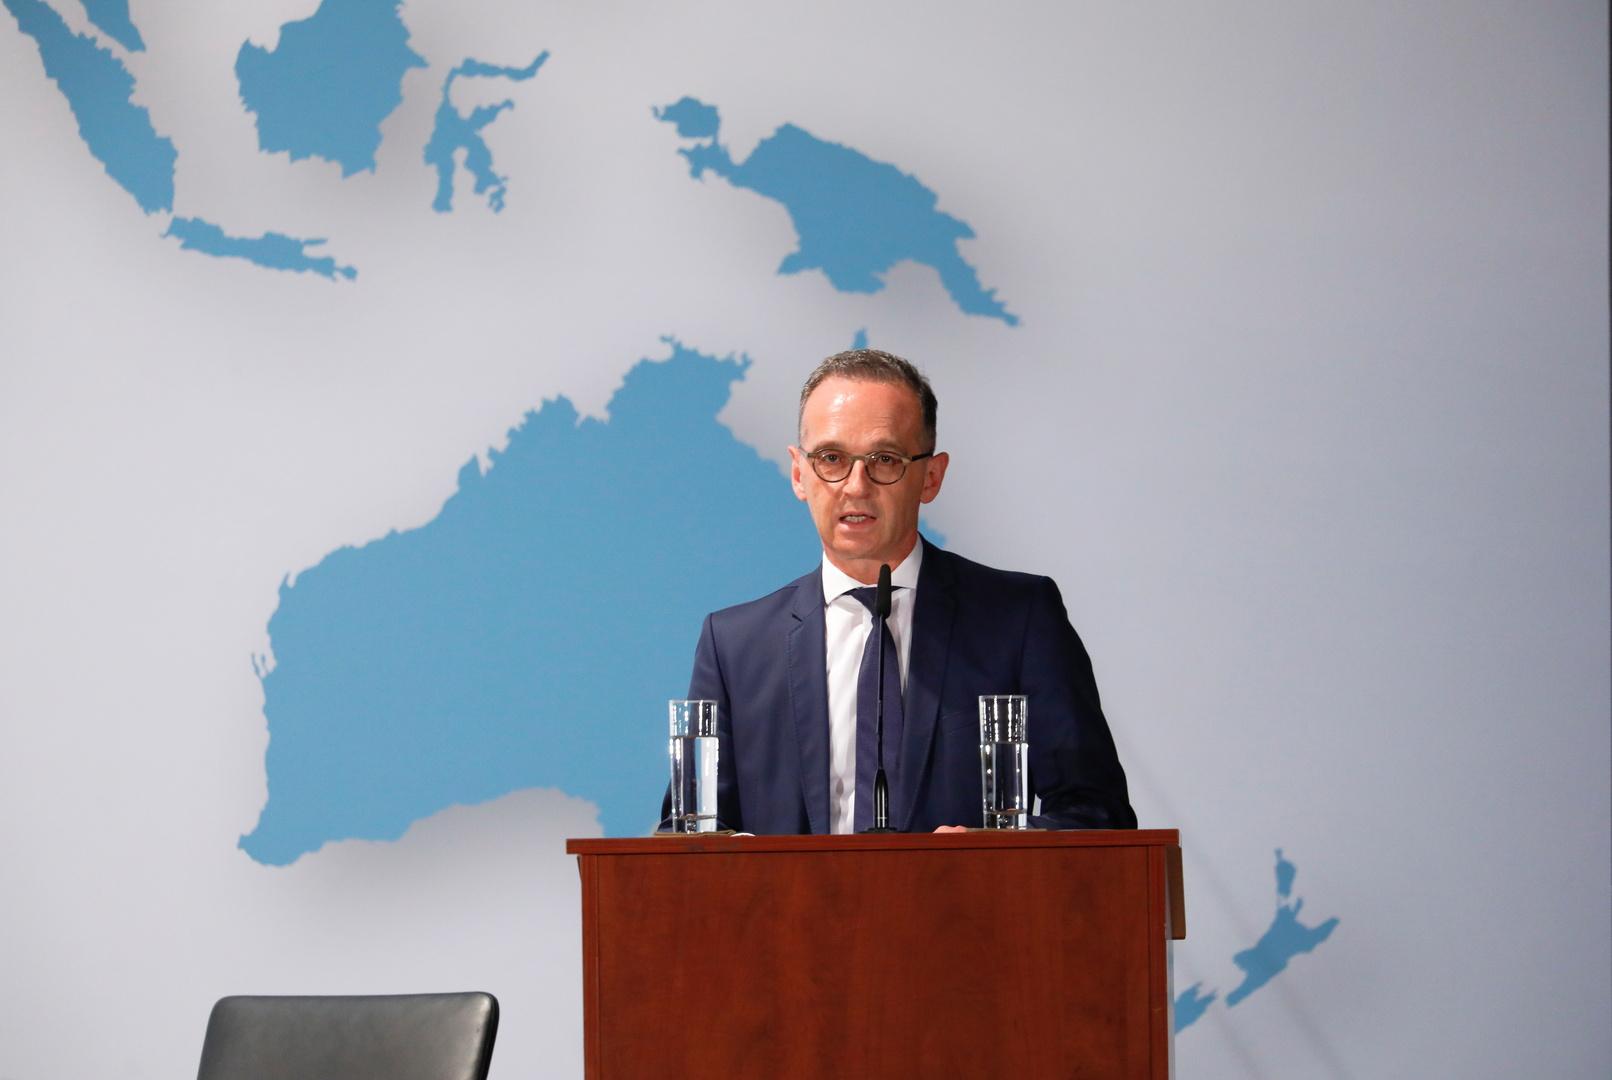 وزير الخارجية الألماني، هايكو ماس.